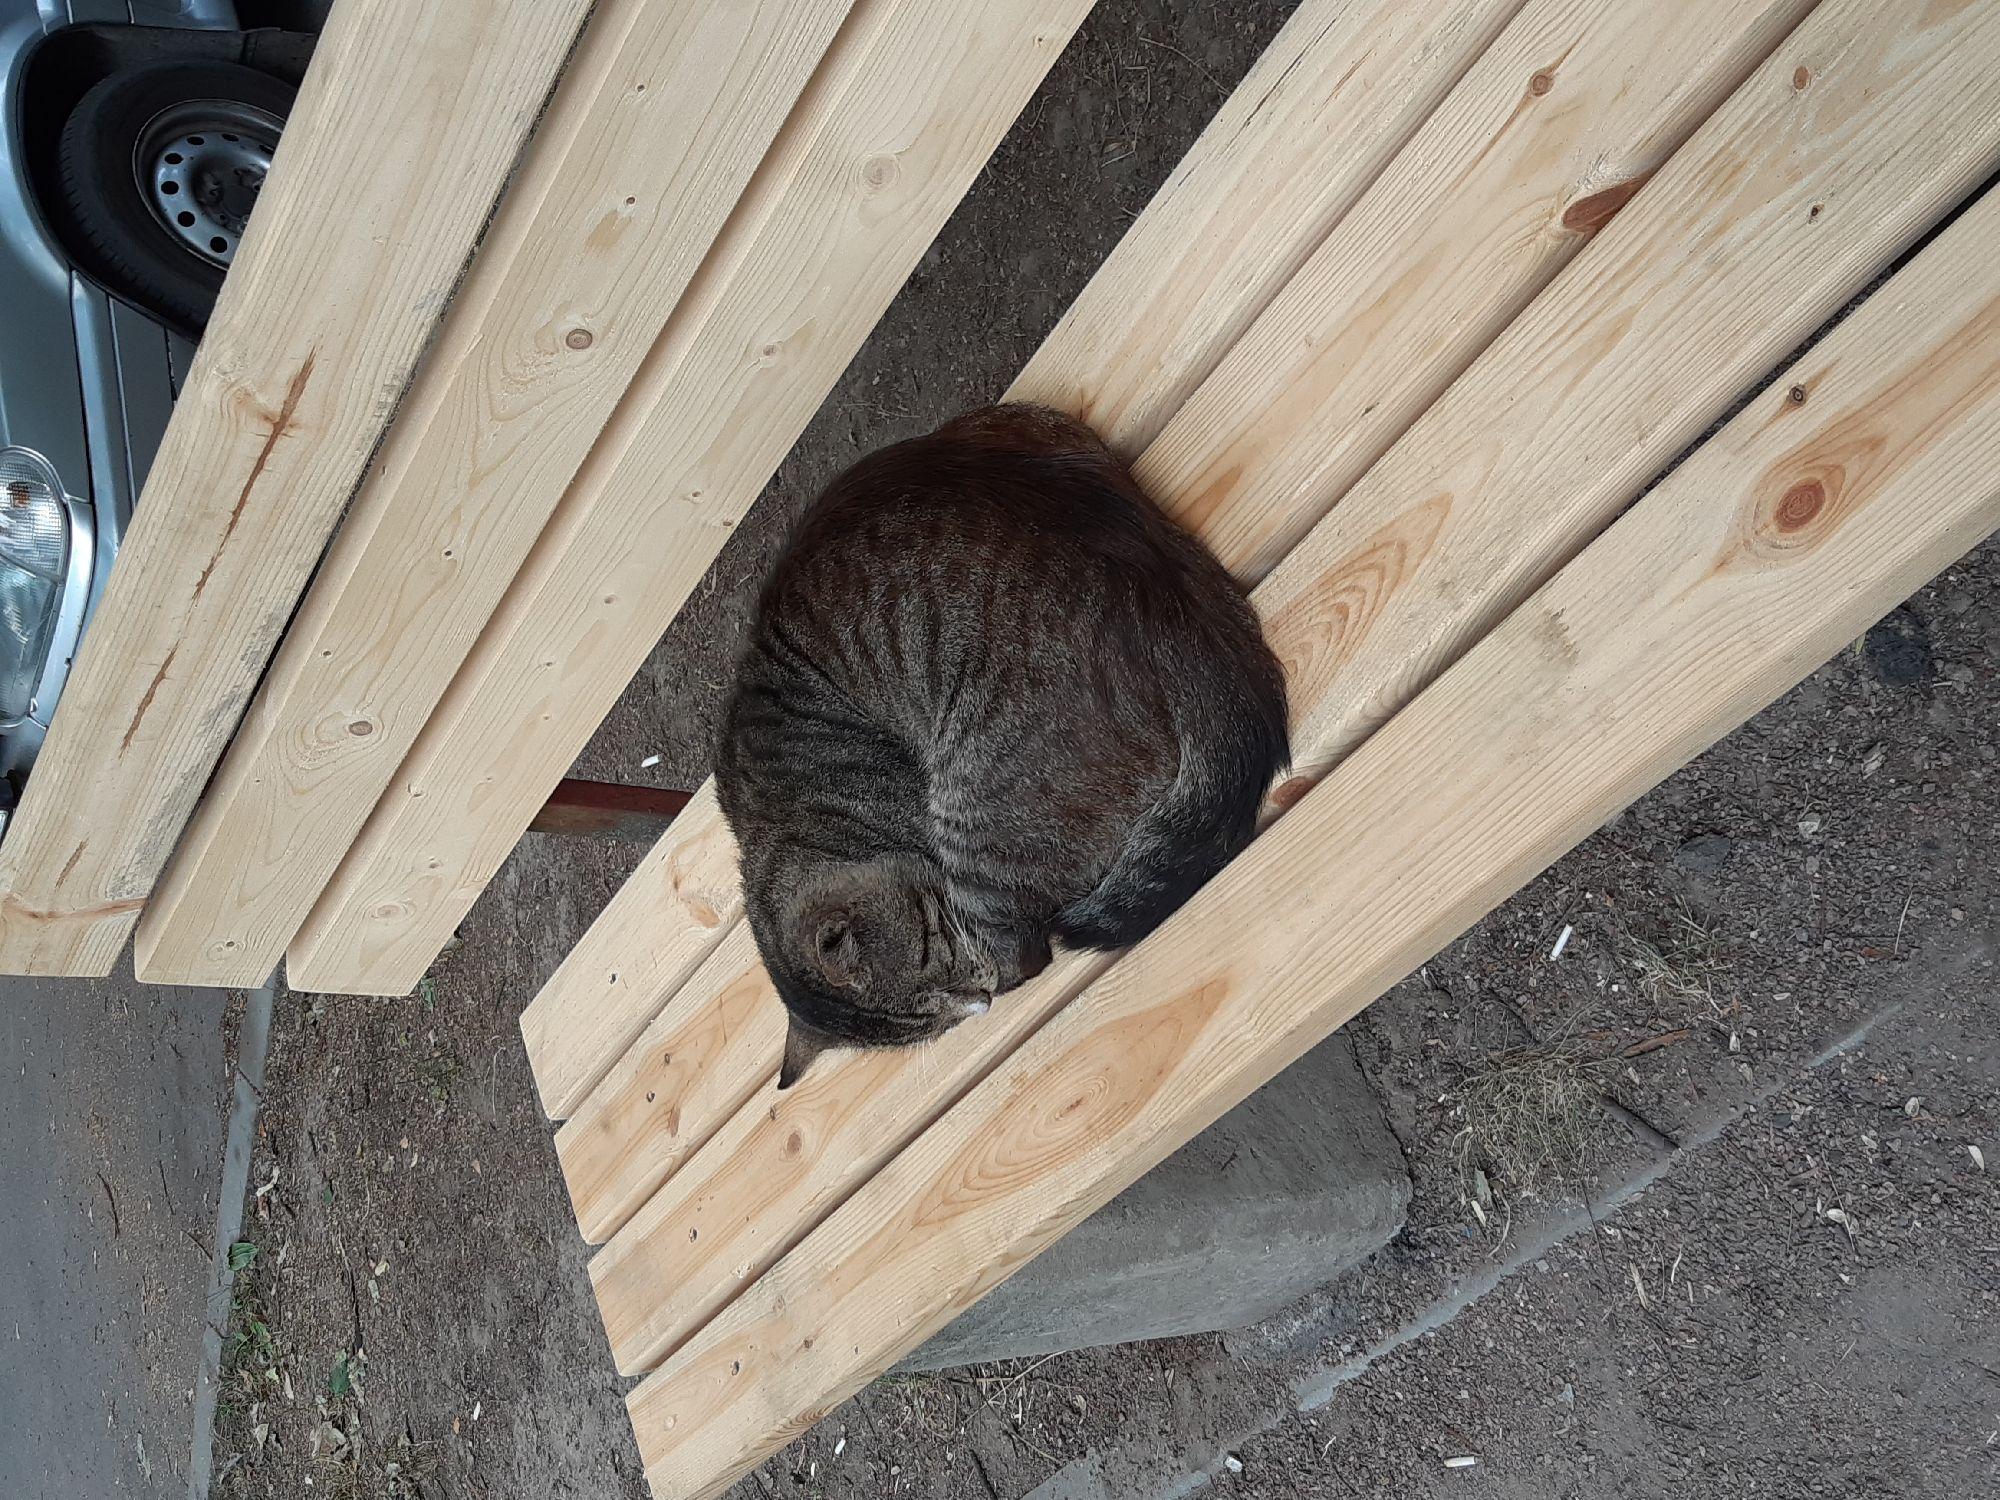 УК вчера починил самую древнюю скамейку нашего двора. Ночью пришел котик-испытатель. Судя по всему ремонт произведен качественно. Пока я вокруг с телефоном прыгала, котик продолжал спать. Значит удобно )